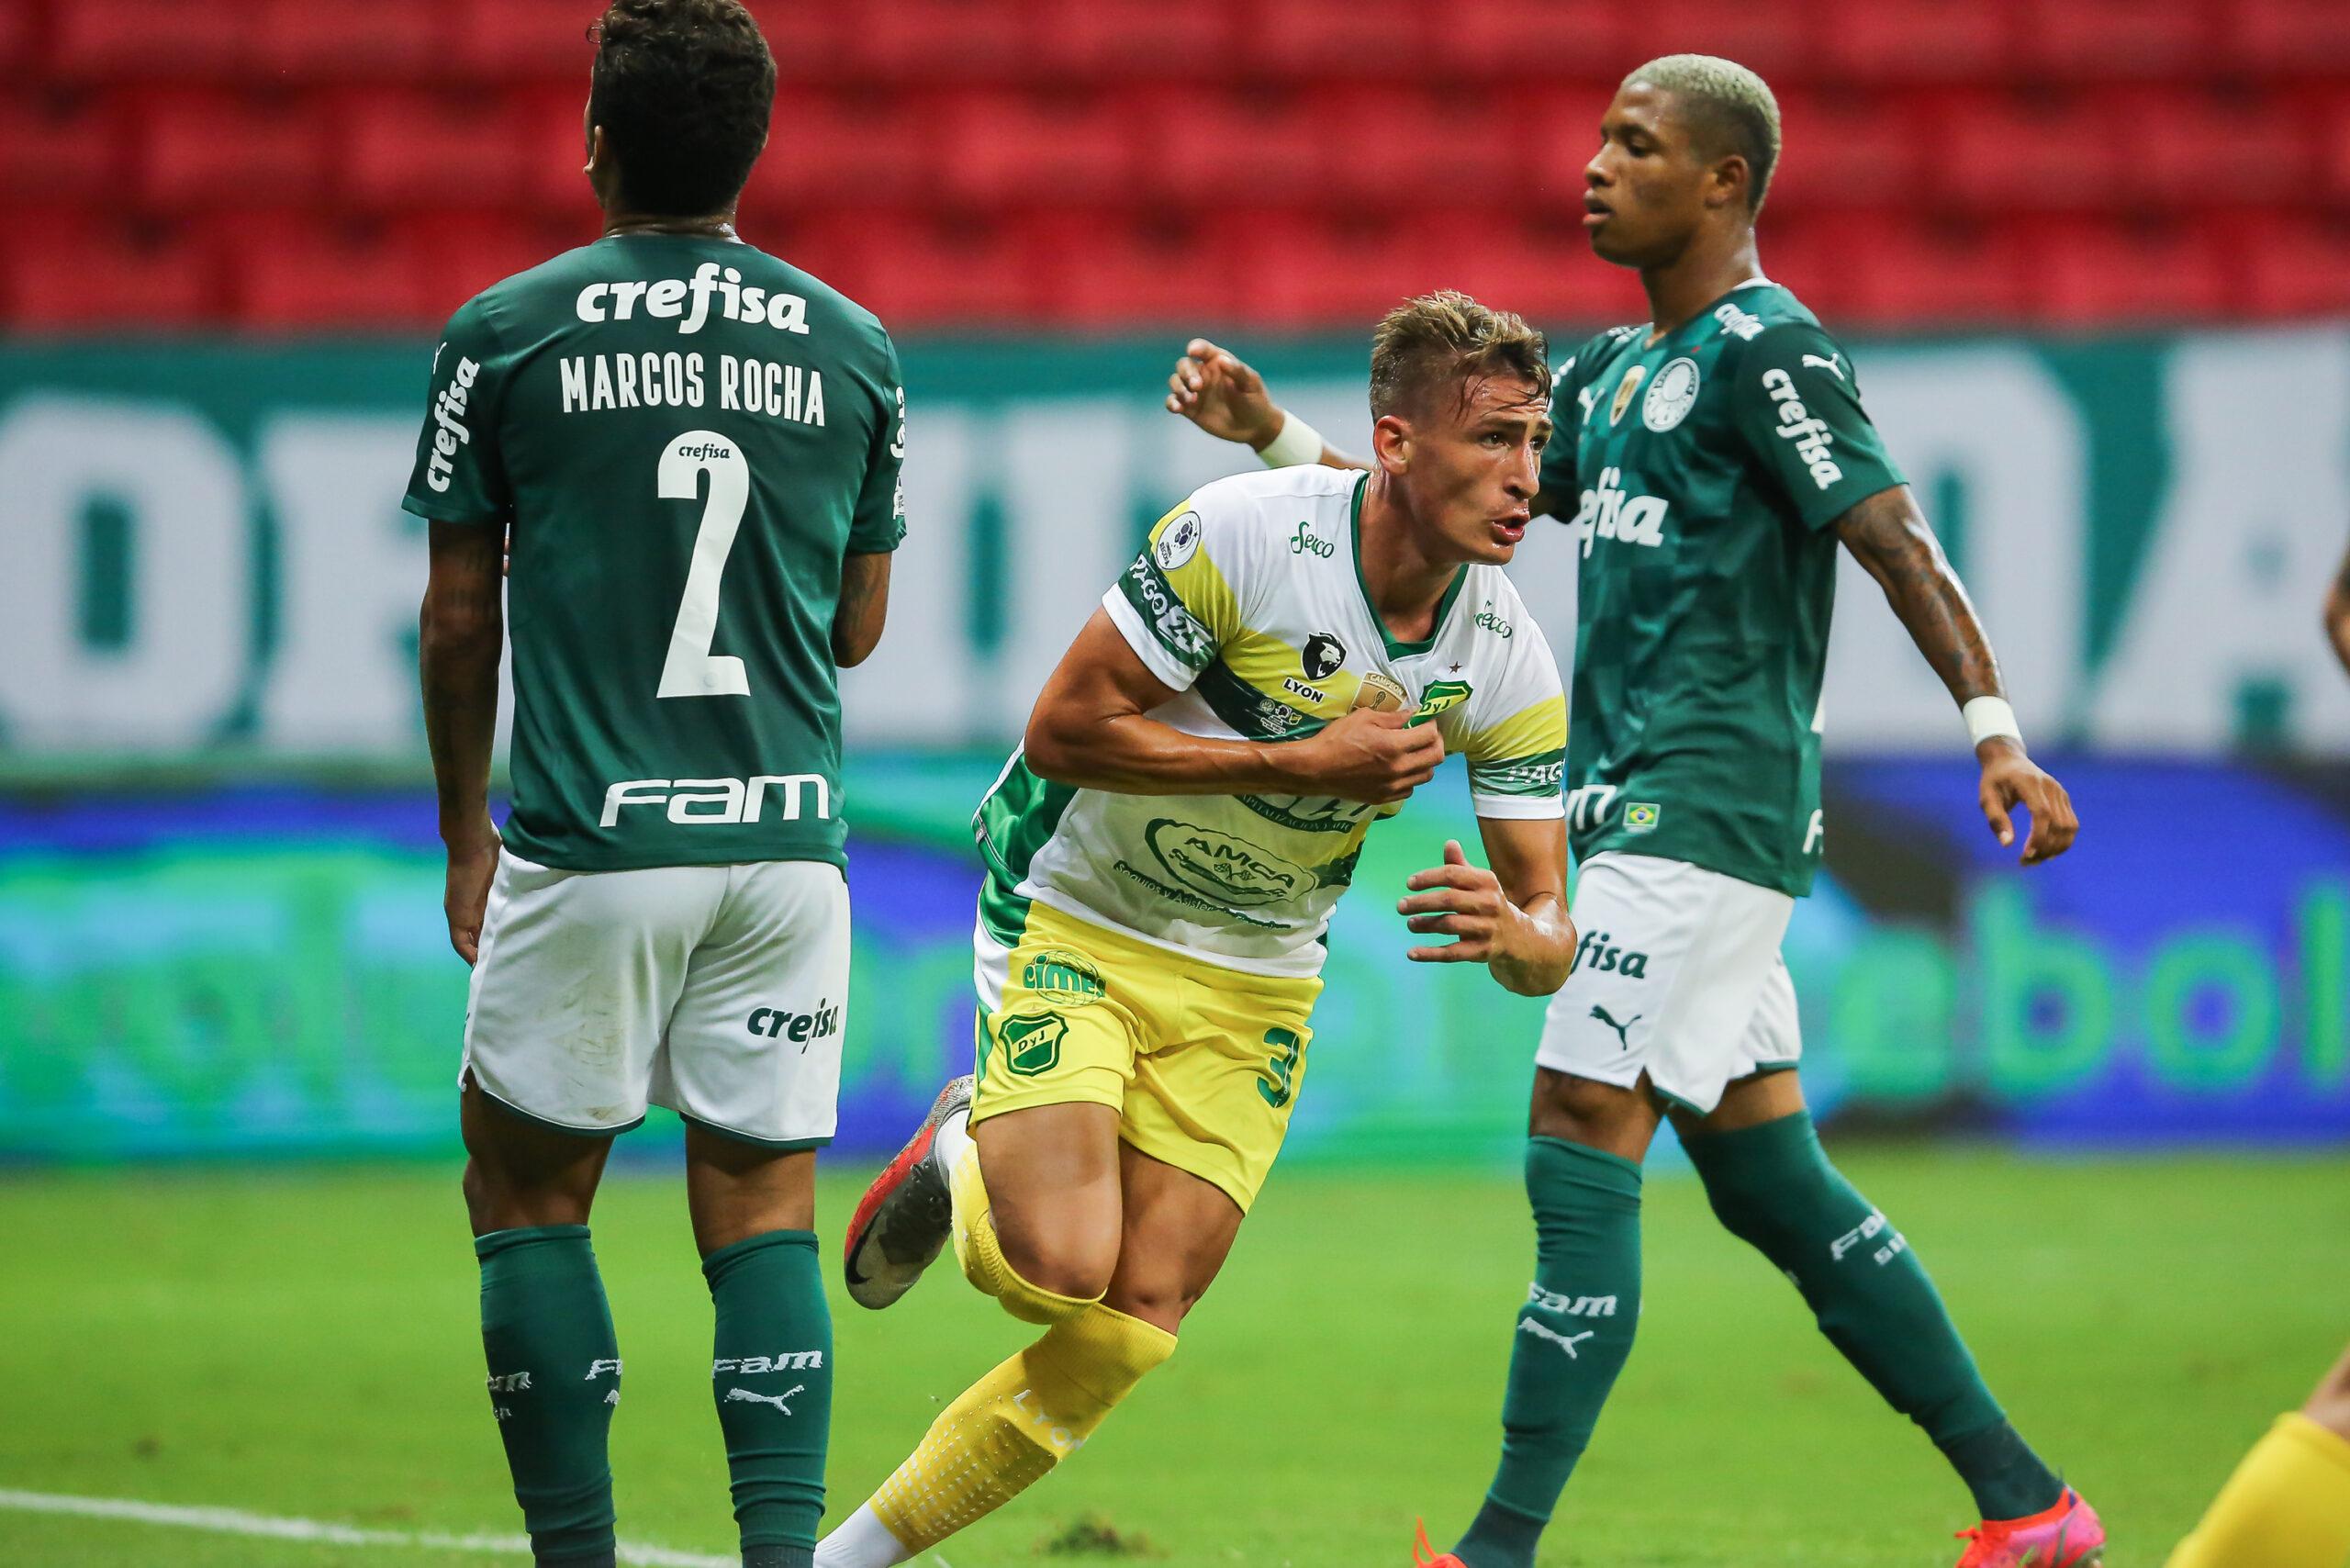 Argentino do Defensa y Justiça comemora após marcar no Palmeiras (Foto: Divulgação)